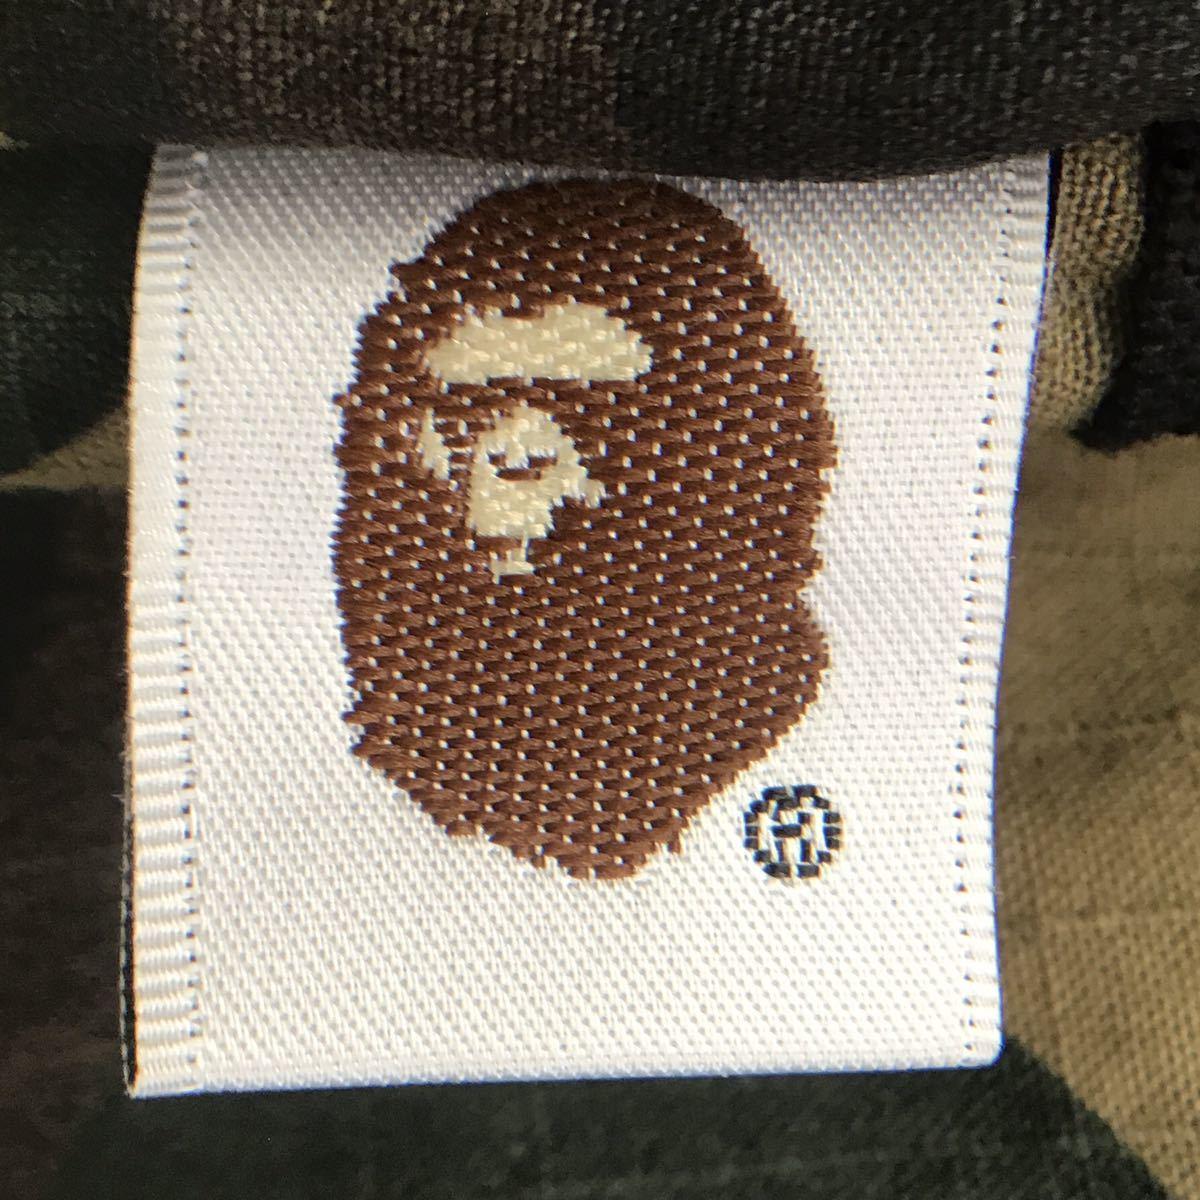 ★伊勢丹限定★ mastermind × BAPE MMJ camo トートバッグ a bathing ape エイプ ベイプ アベイシングエイプ マスターマインド tote bag